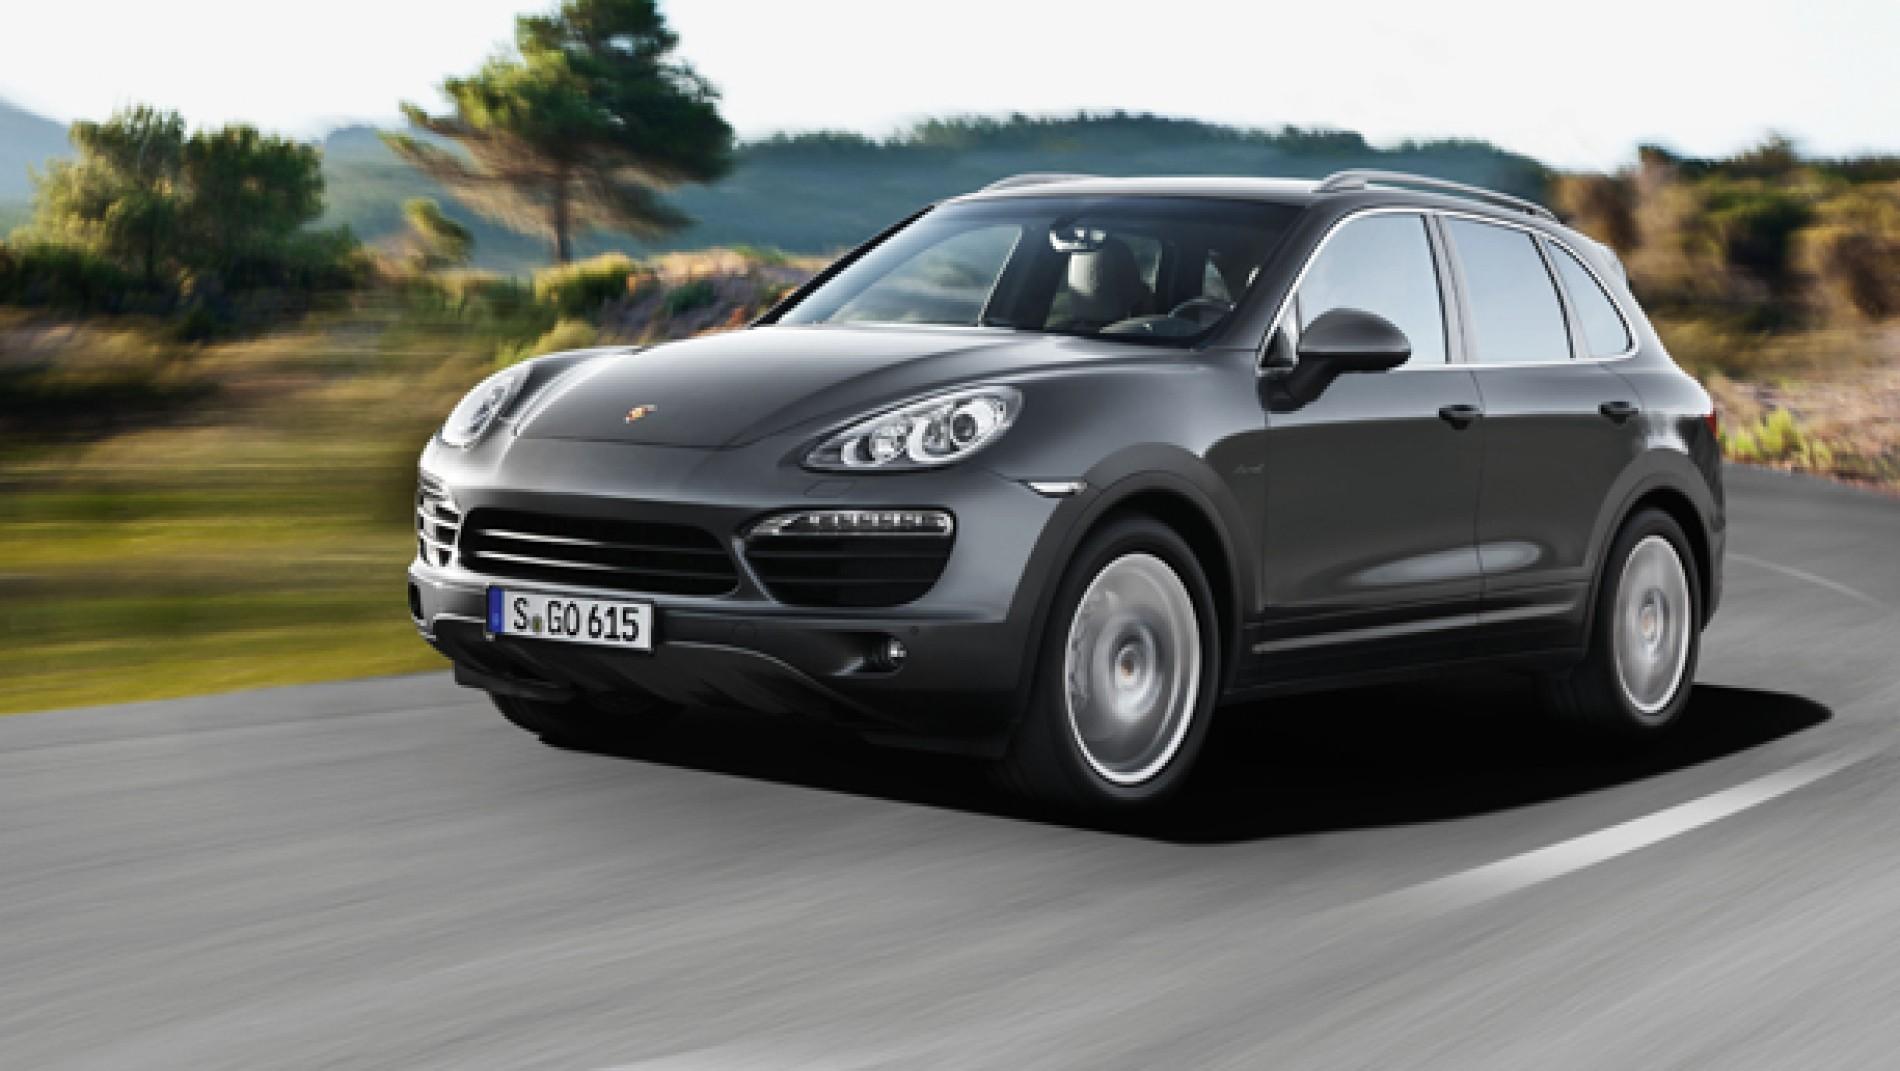 Fahrtbericht Porsche Cayenne S Diesel Mit Bärenstärke Weiter An Der Spitze